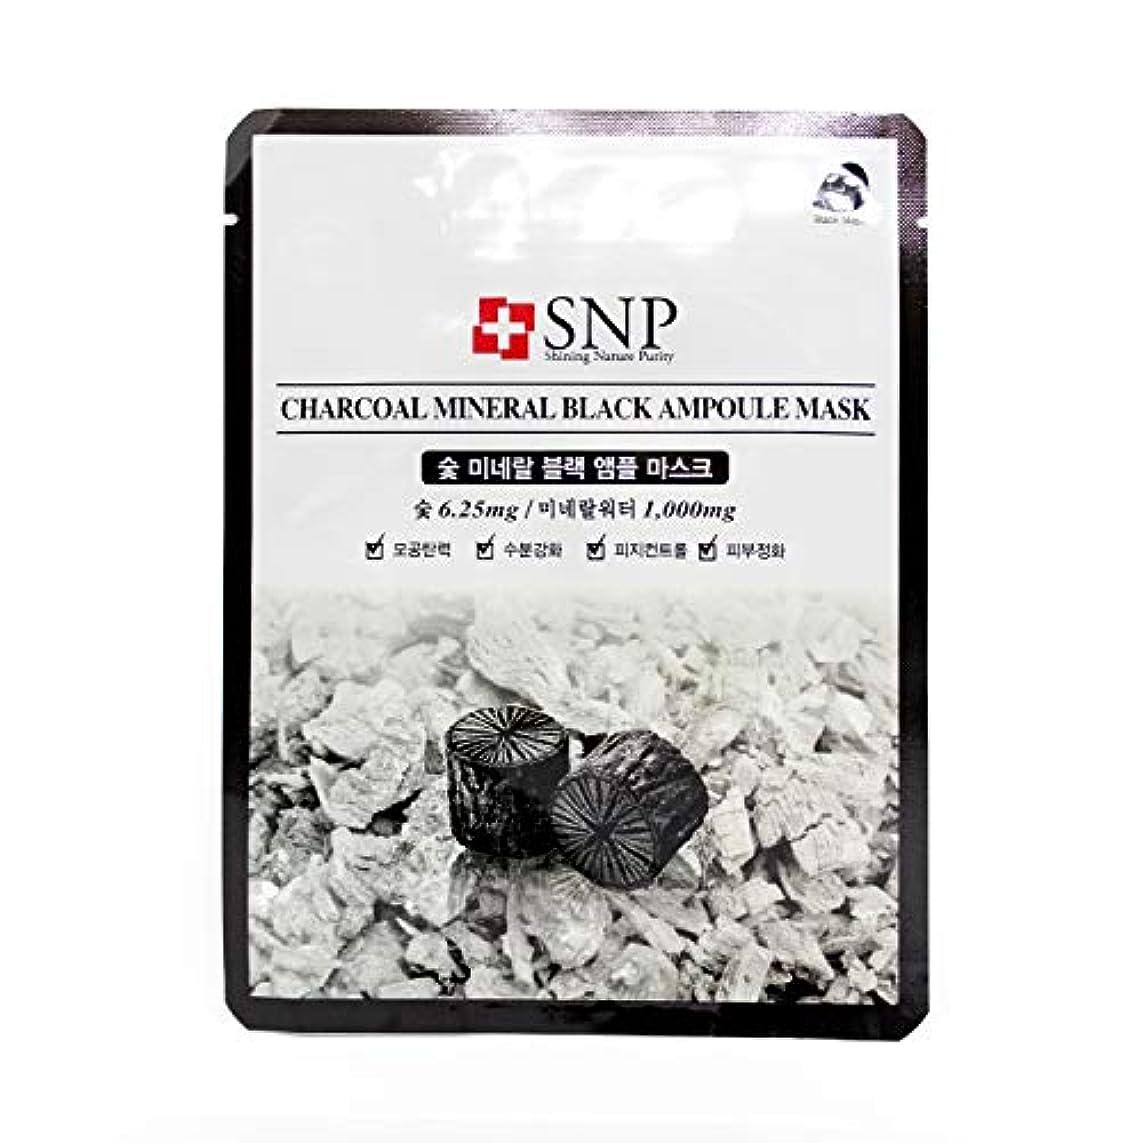 法令貸し手心のこもったSNP エスエヌピー 炭 ミネラル ブラック アンプル マスク 10枚セット